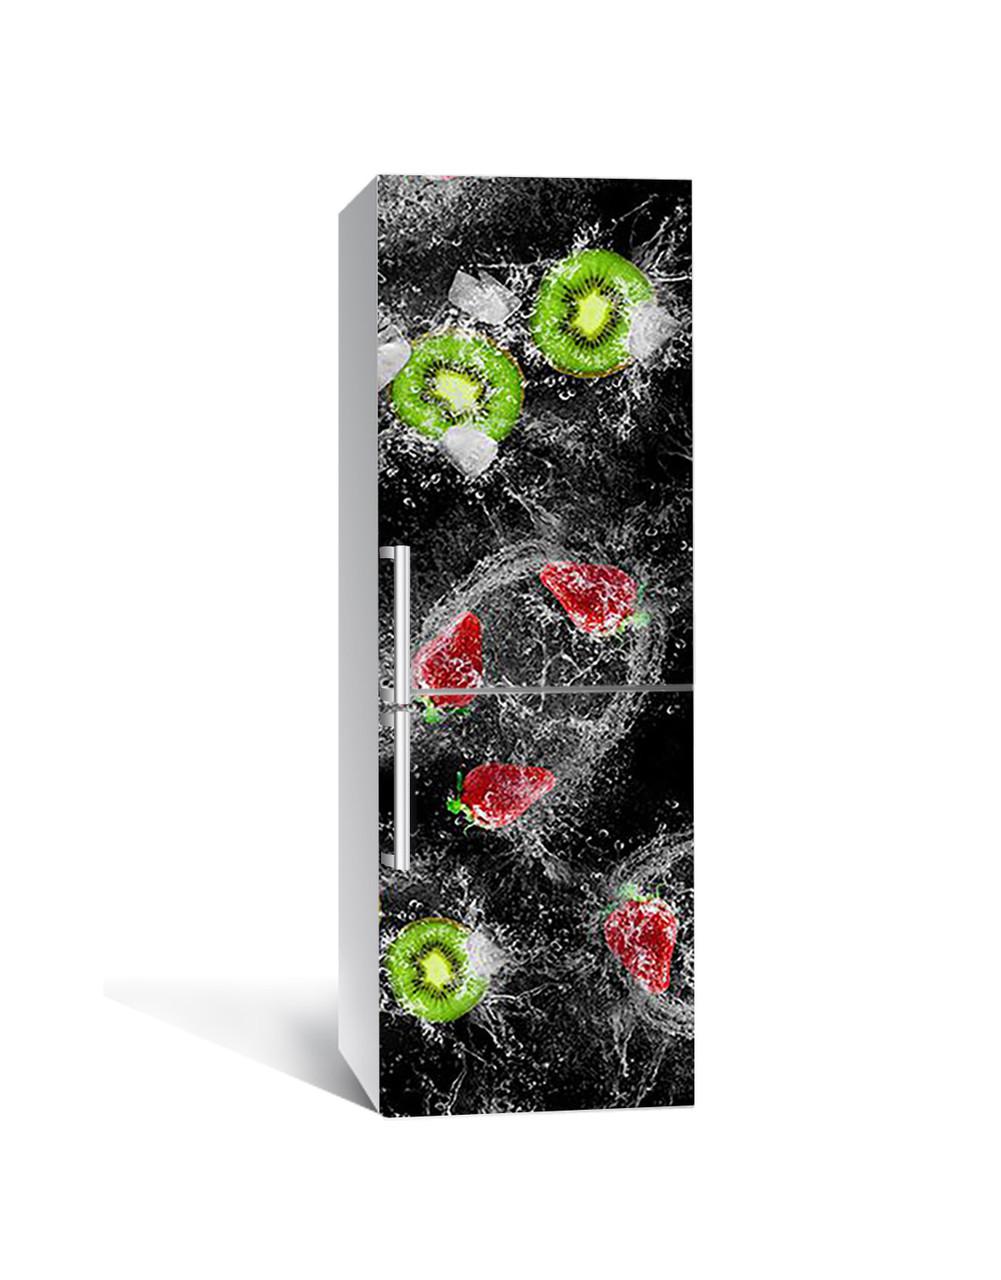 Виниловая 3Д наклейка на холодильник Киви Брызги (ПВХ пленка самоклеющаяся) клубника Ягоды вода Черный 650*2000 мм